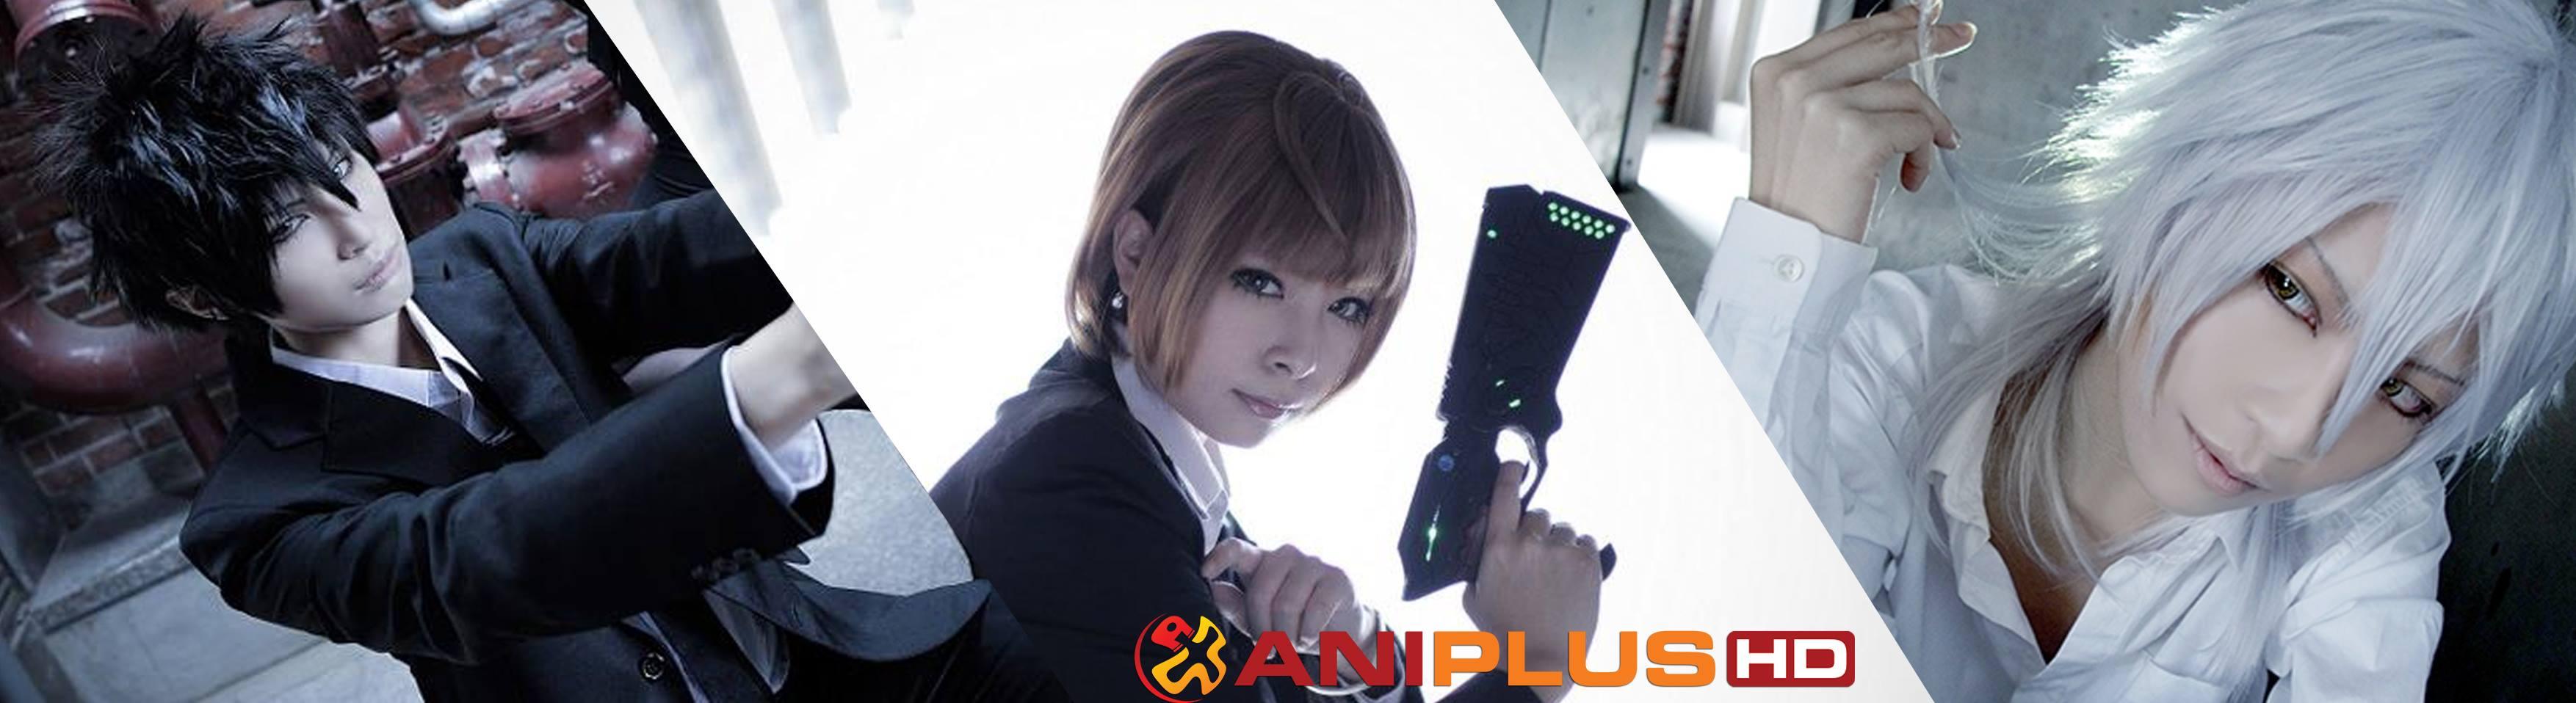 AFA SG 2014 : ANIPLUS HD Cosplay Guest